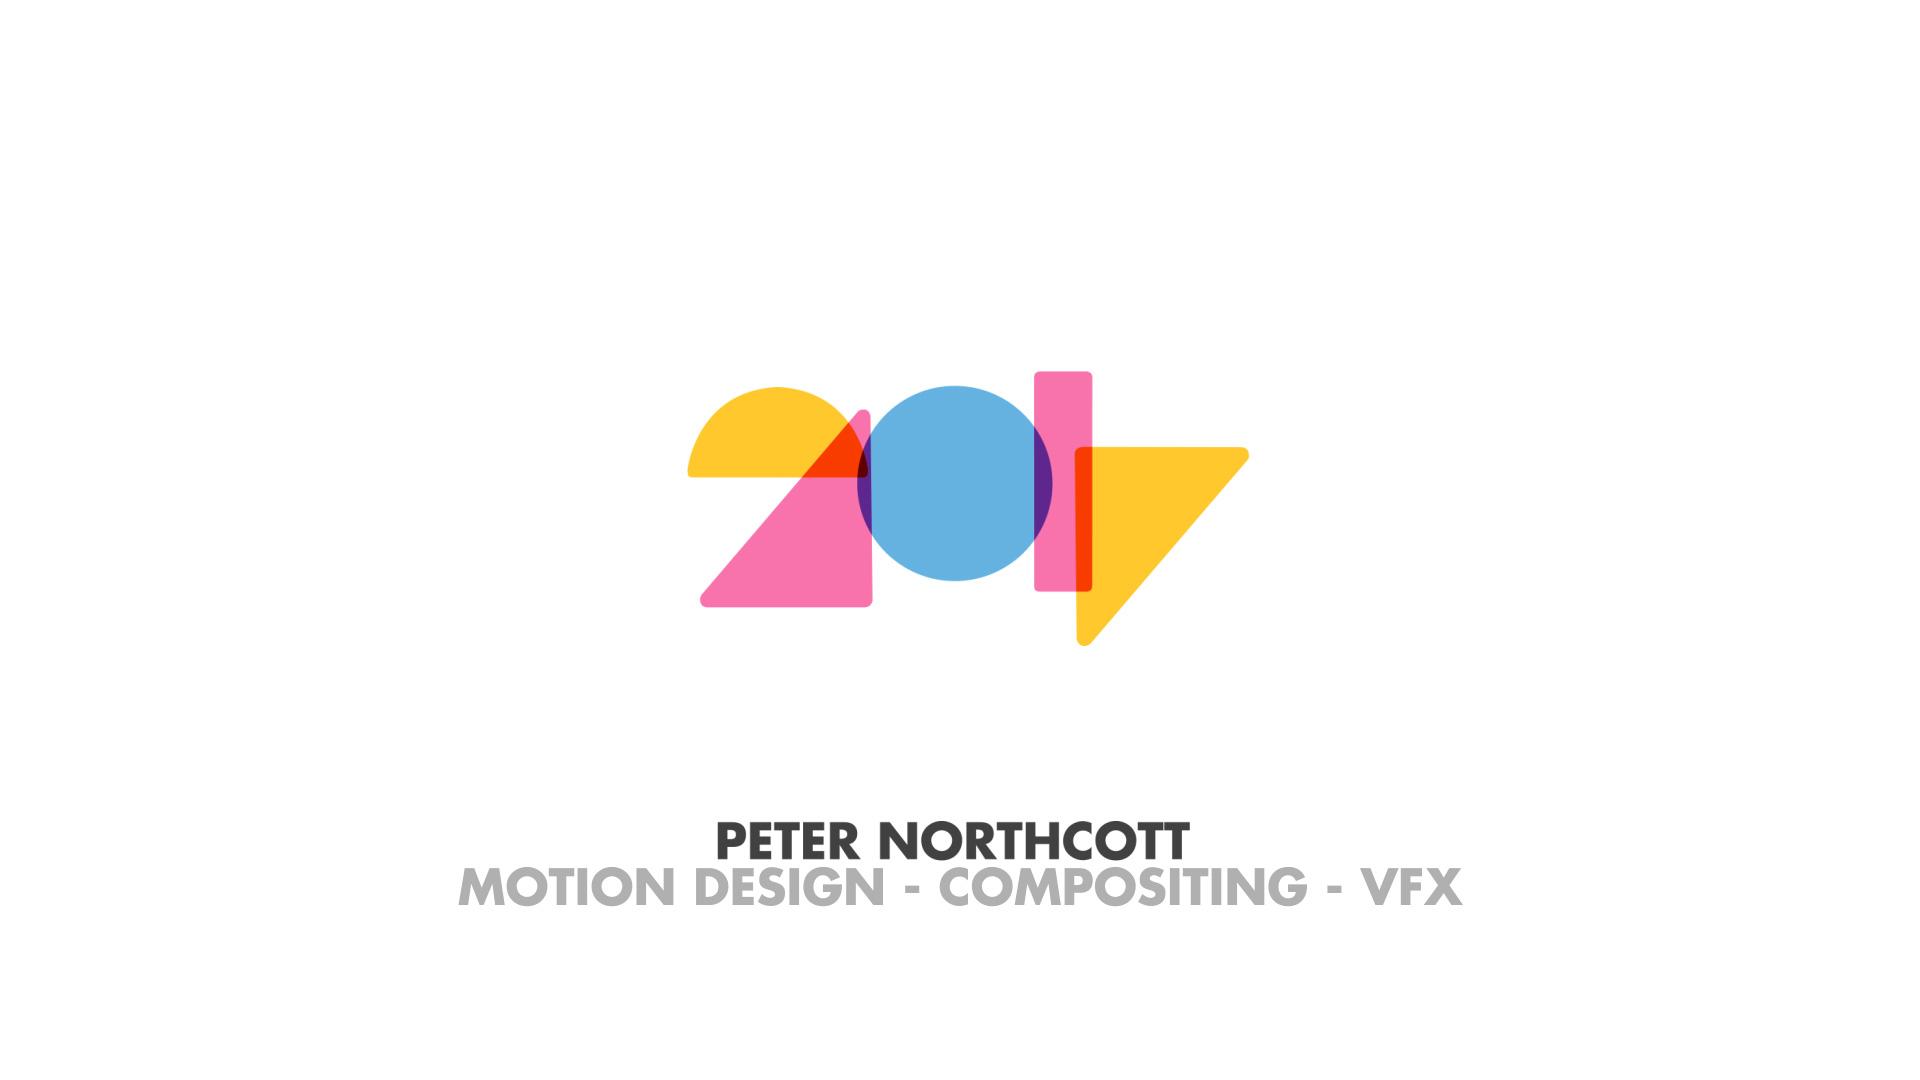 New Horizons – Going freelance for 2017